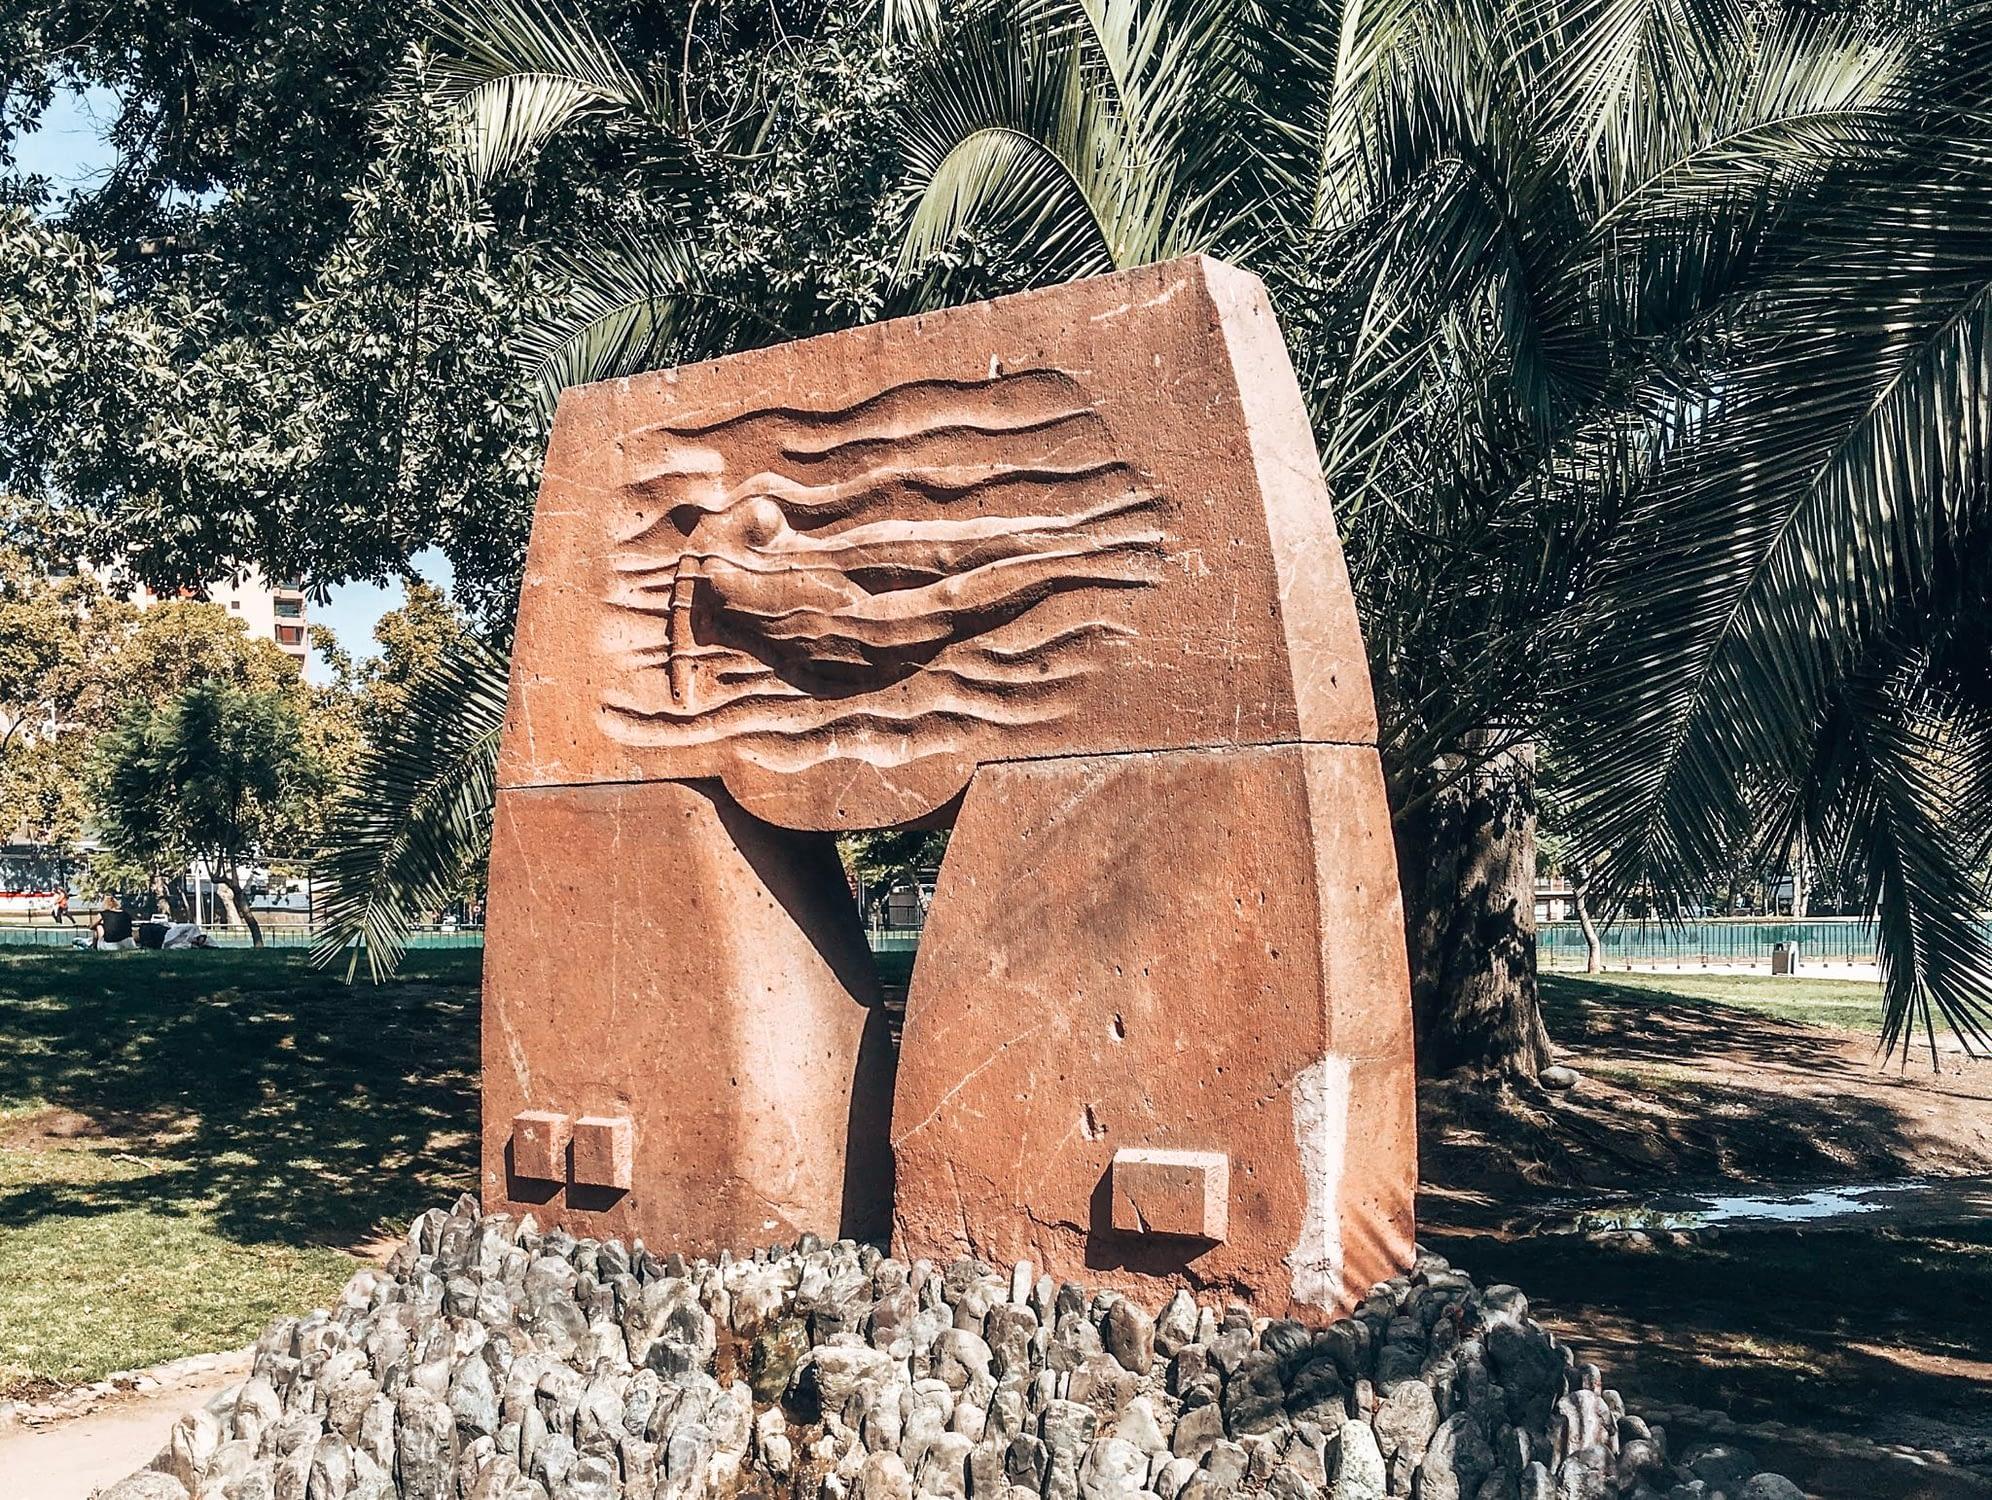 Sculpture Park Santiago Chile